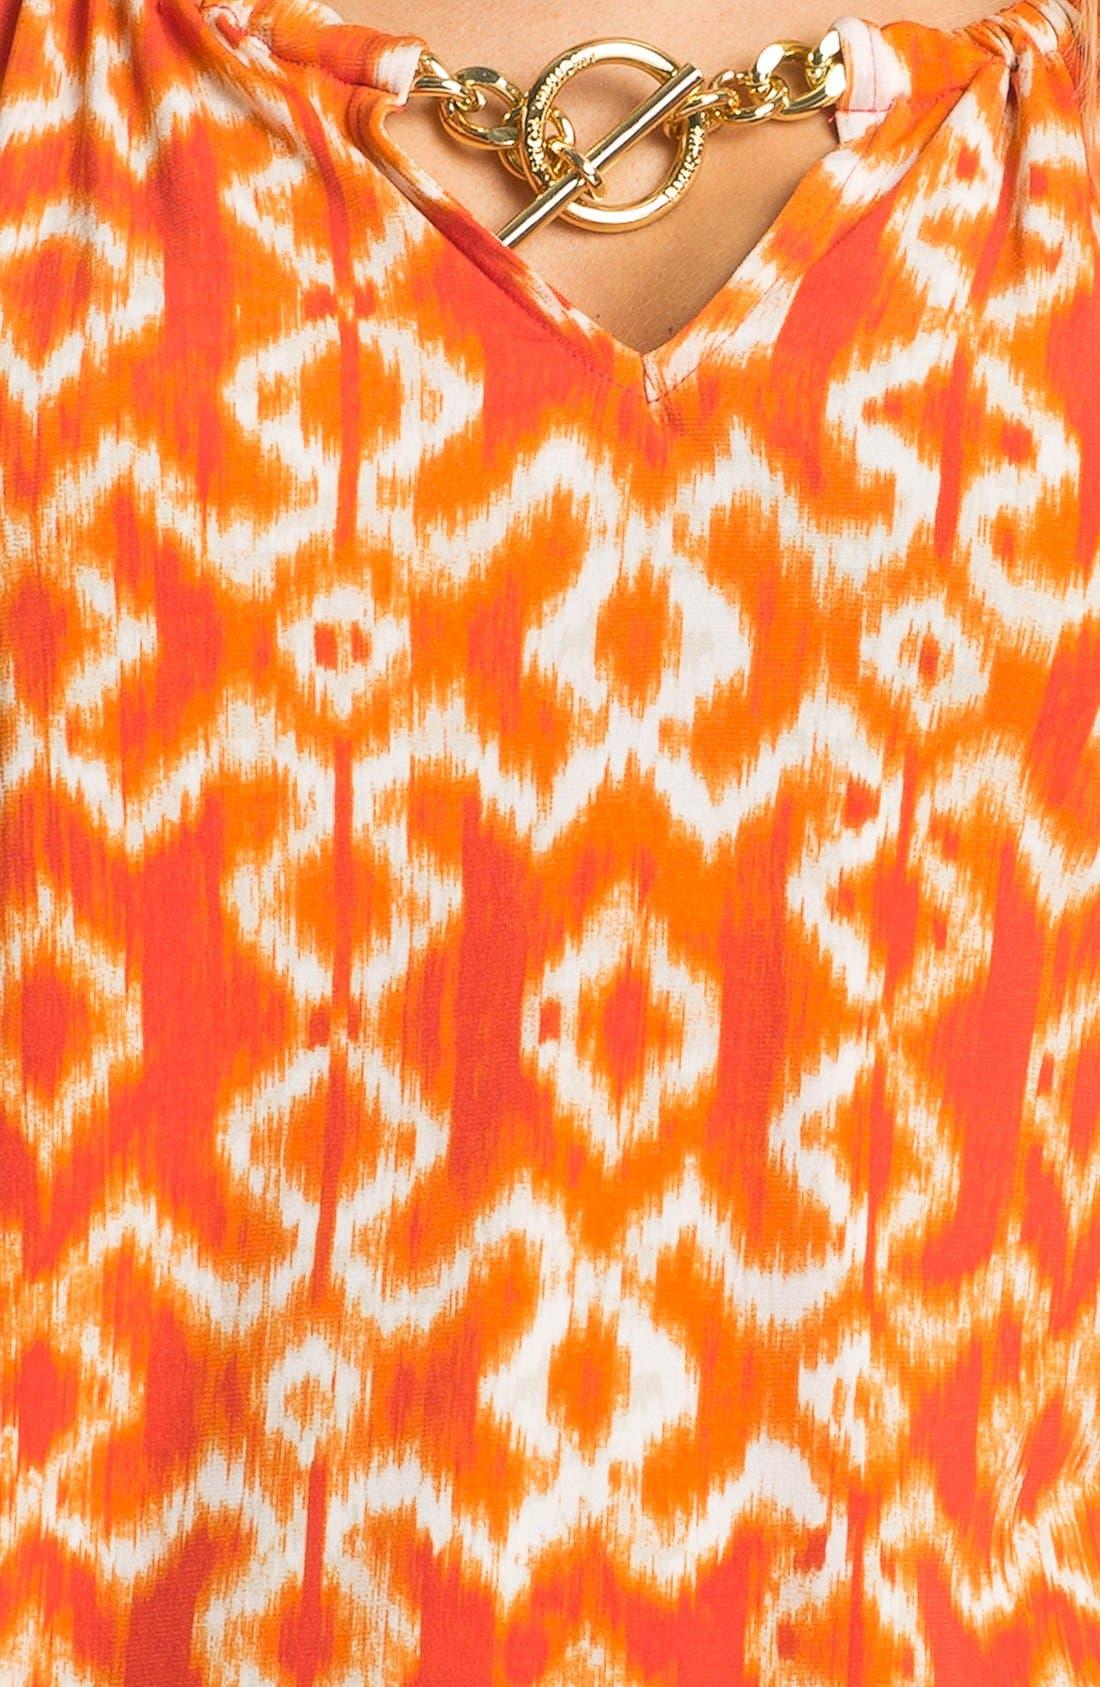 Alternate Image 3  - MICHAEL Michael Kors Print Blouson Peasant Top (Petite)